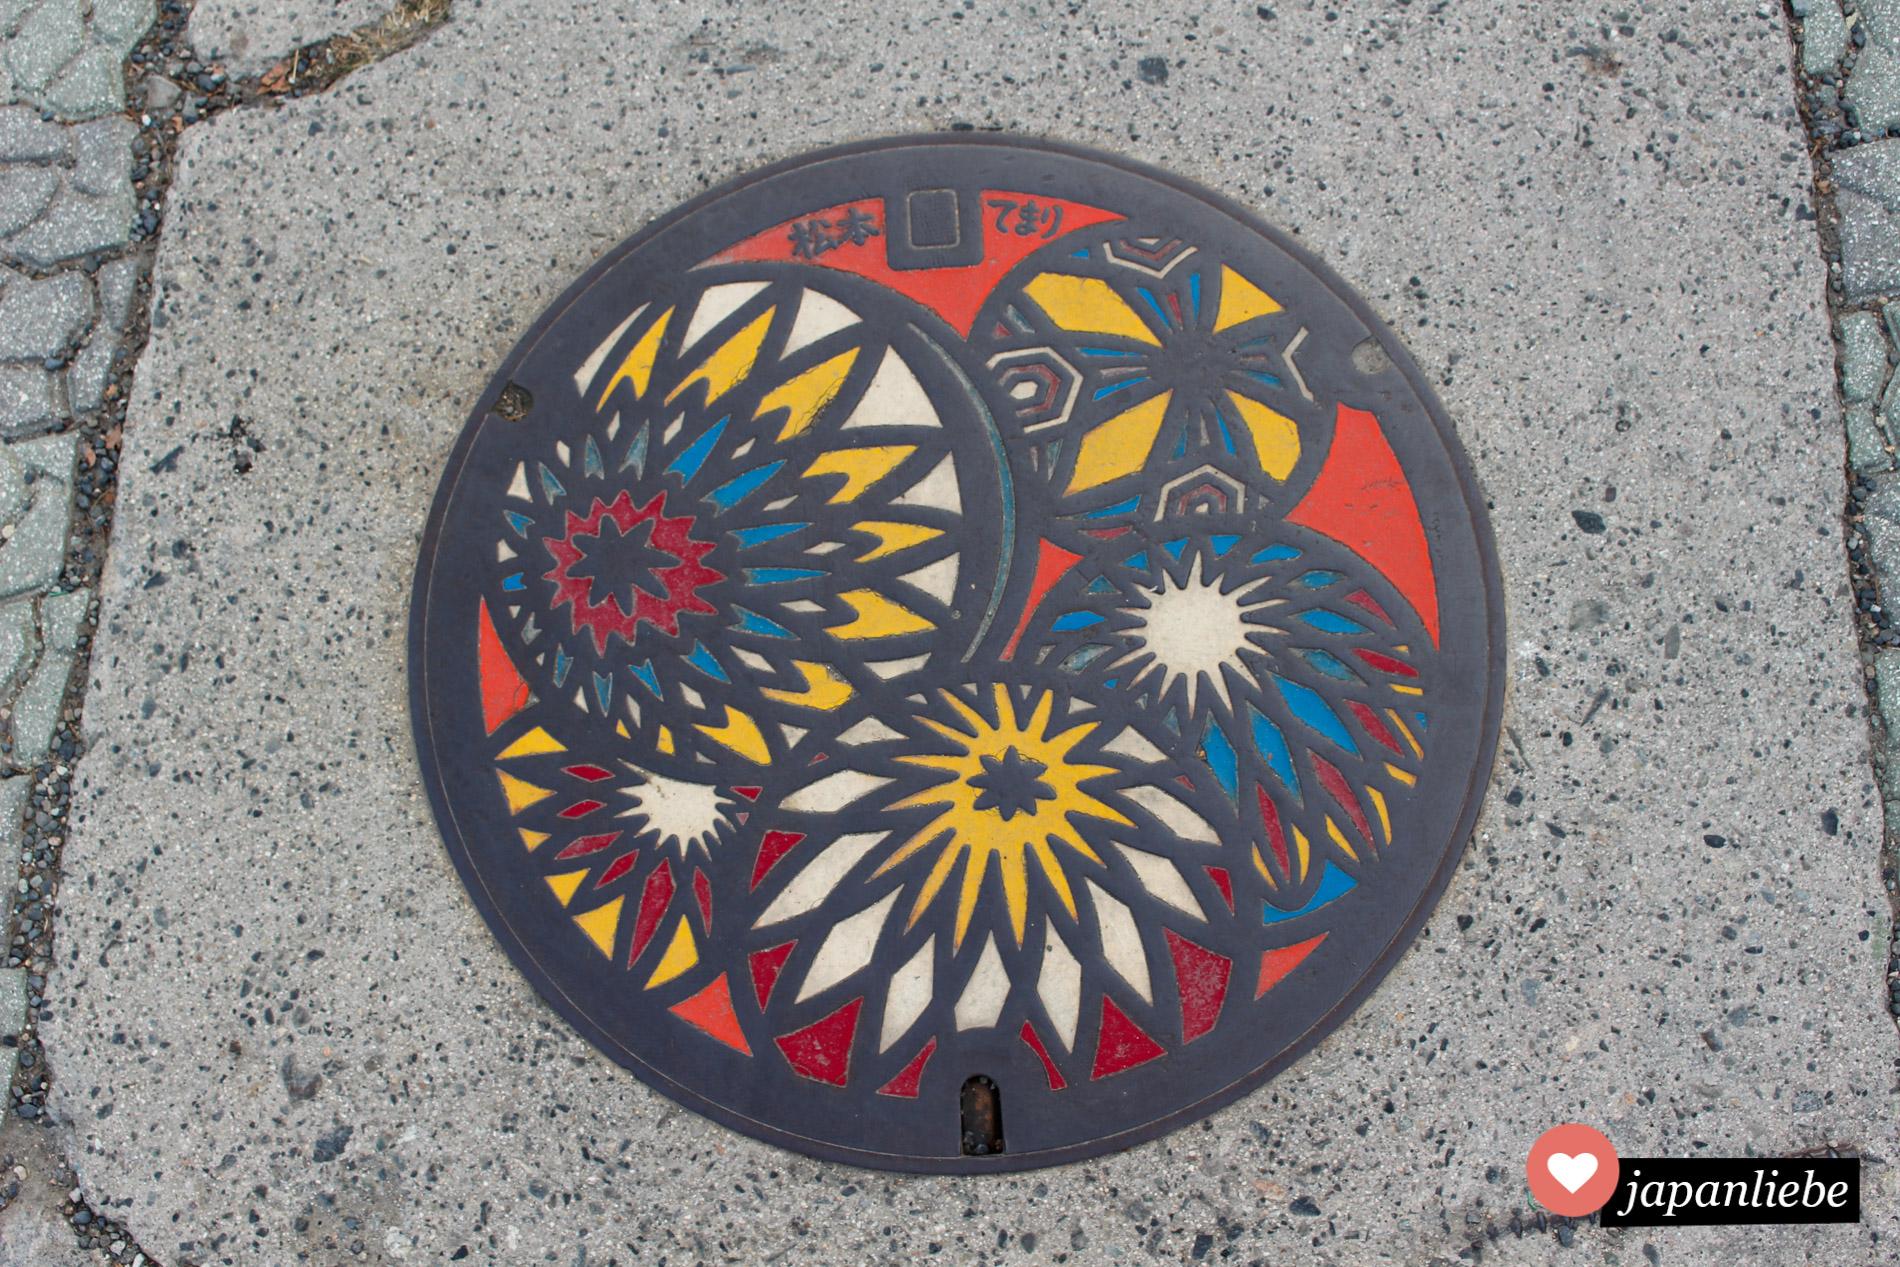 Die Stadt Matsumoto in den japanischen Alpen ist berühmt für ihre kunstvollen, farbenfrohen temari-Bälle. Dementsprechend bunt sind einige Kanaldeckel auf dem Gemeindegebiet.